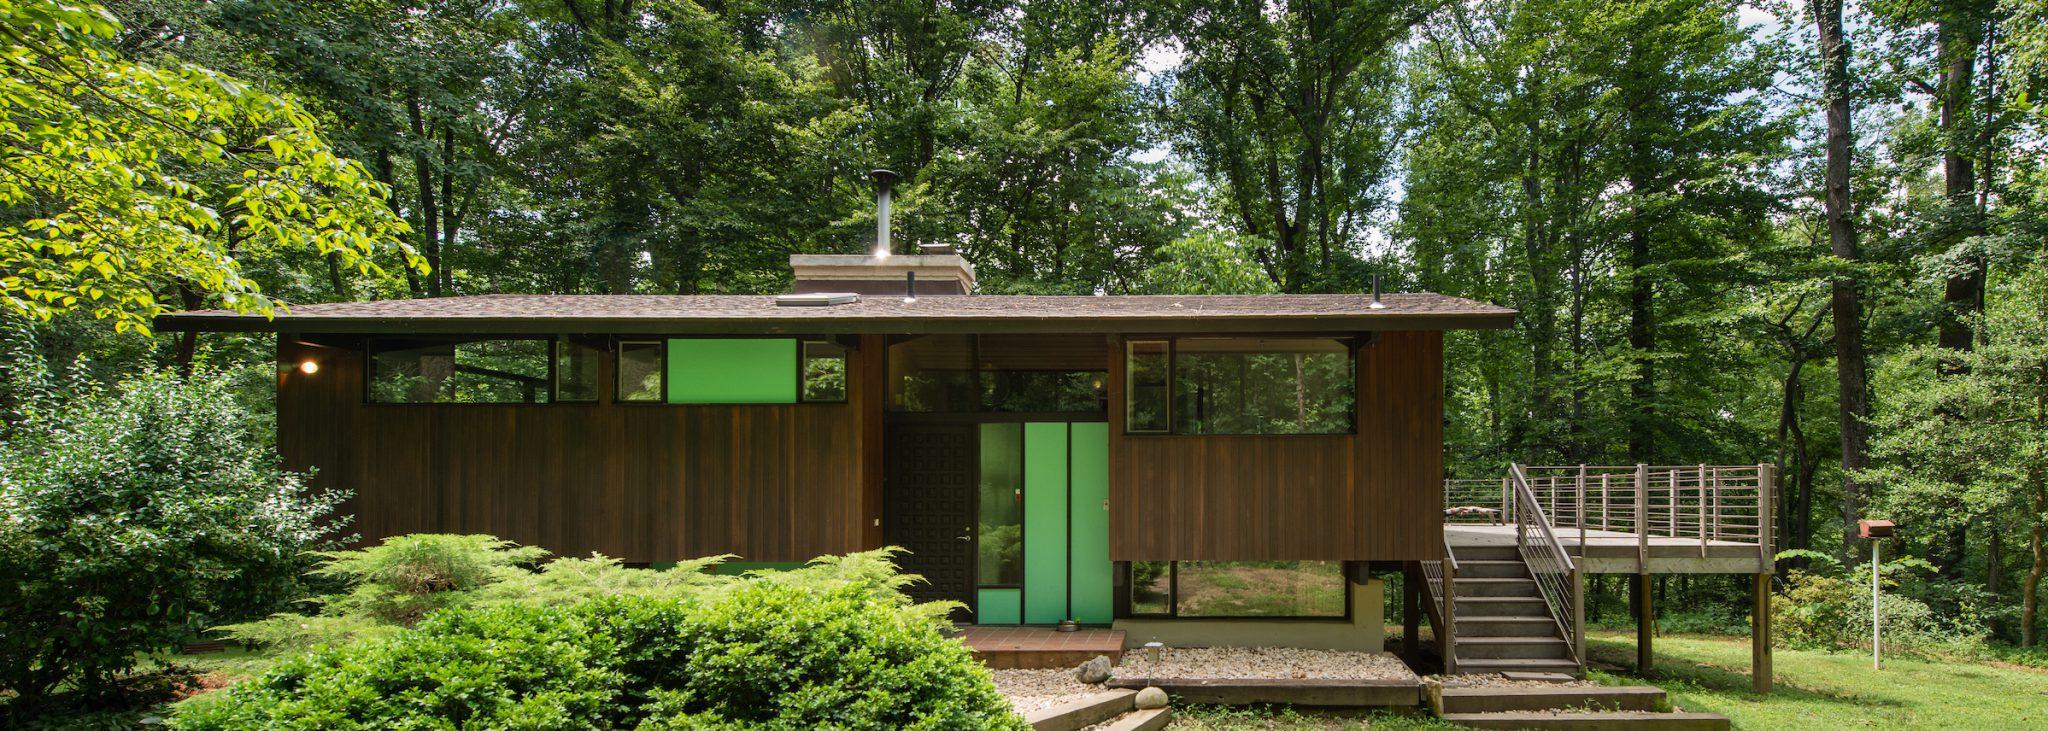 Deck-House